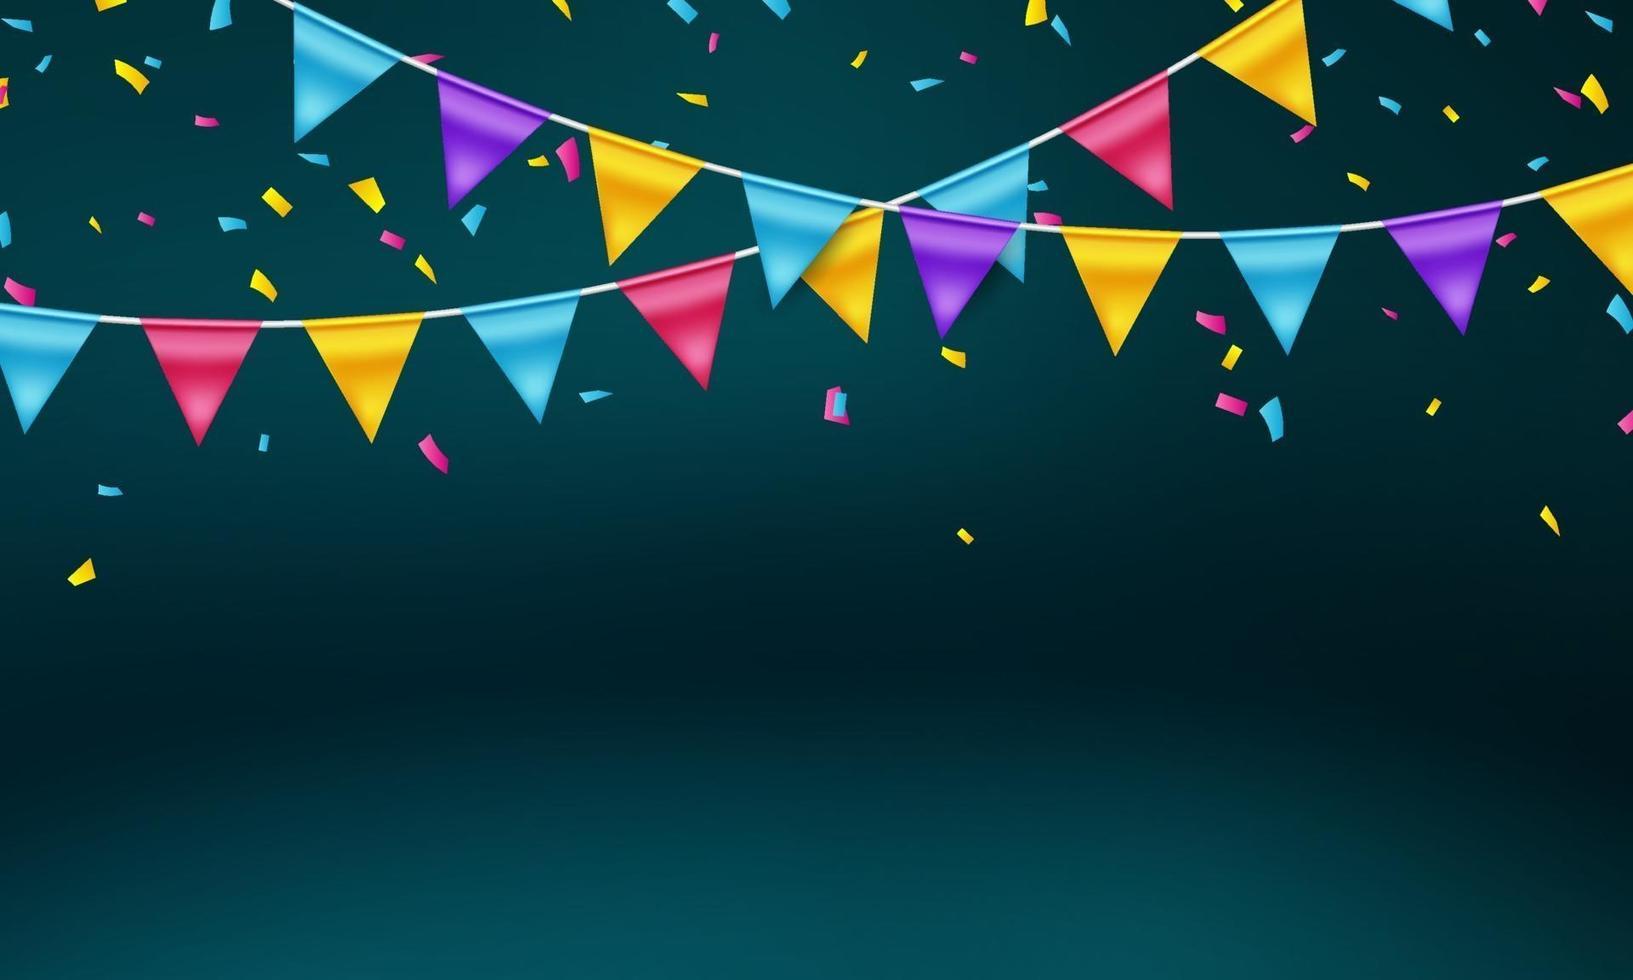 drapeau coloré concept design modèle jour férié heureux, illustration vectorielle de fond célébration. vecteur